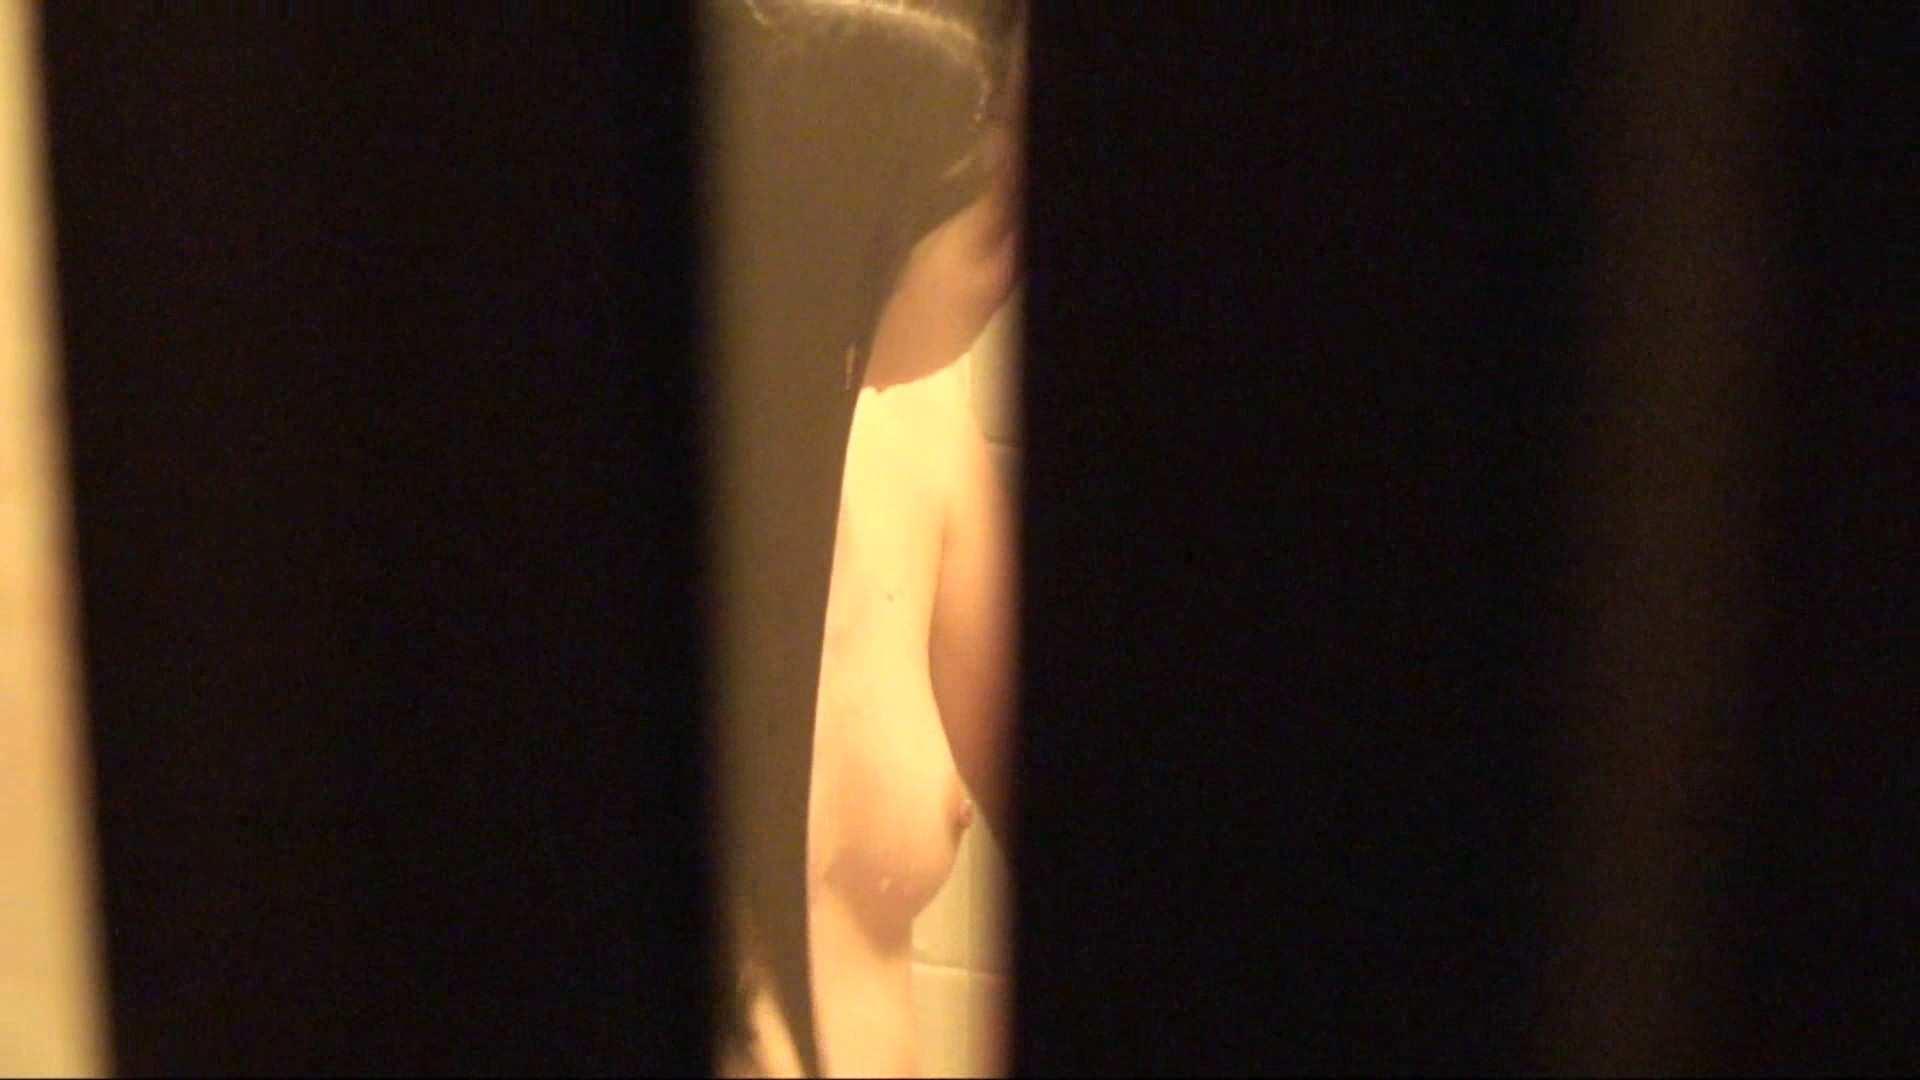 vol.02超可愛すぎる彼女の裸体をハイビジョンで!至近距離での眺め最高! 覗き  94連発 72